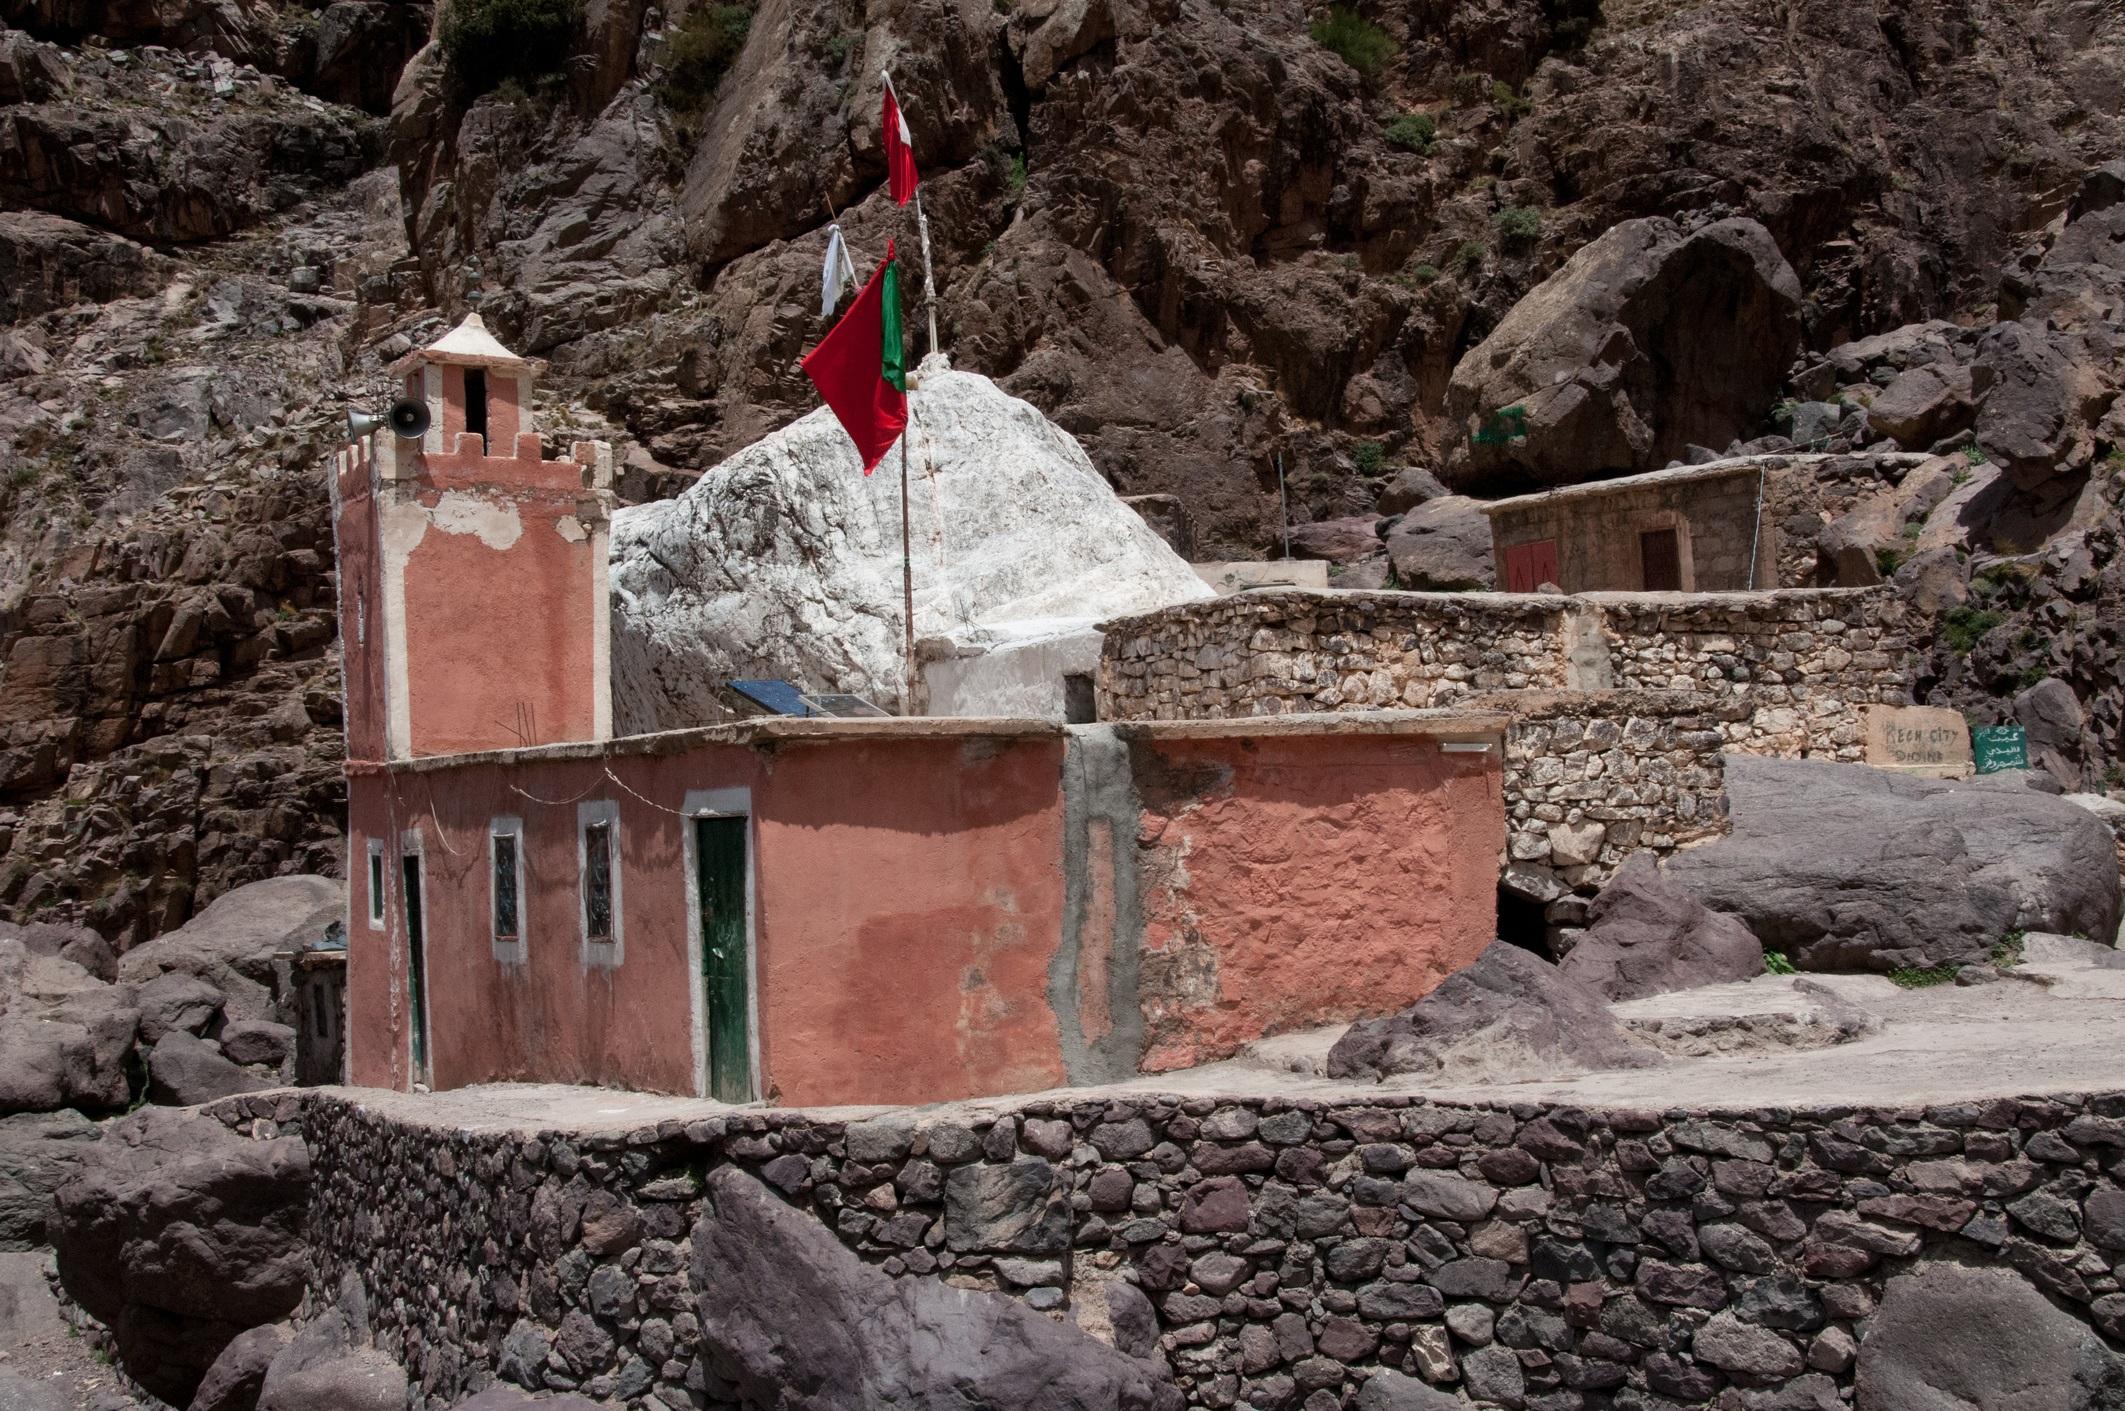 Сиди Чамхаруч, Мароко<br /> <br /> На половината път по пътеката от село Имлил до хижата на катерачите в подножието на планината Тубкал се намира Сиди Чамхаруч. Берберско селище кръстено на Султана на джиновете, в което невероятната бяла скала е светилище за поклонници от цяло Мароко, които търсят изцеление и предлагат дарове на Аллах. Селището се намира край редица водопади и предлага идеални места за отдих сред величествени планински гледки.